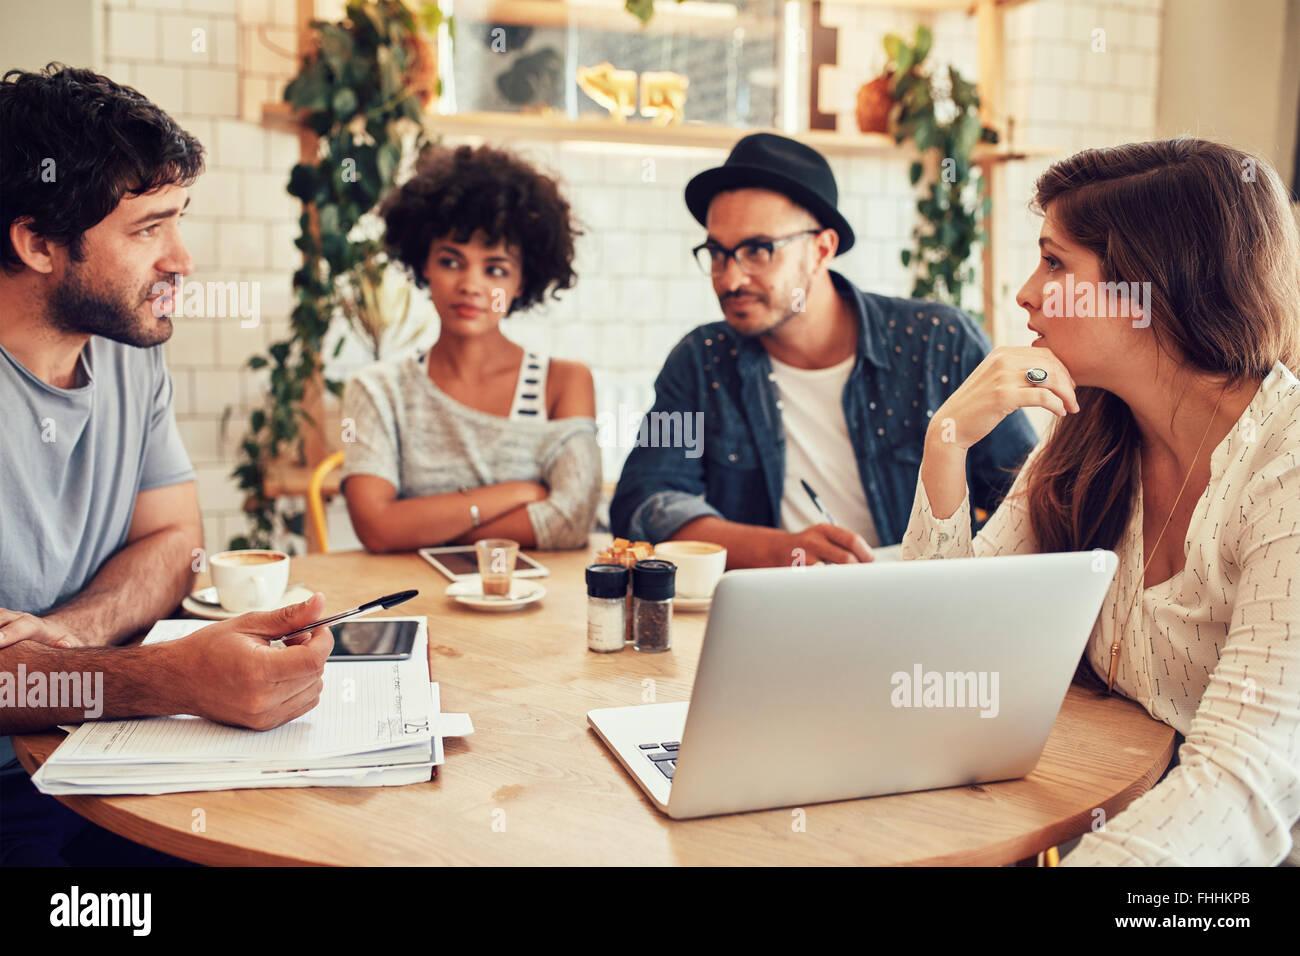 Ritratto di giovani seduti intorno al cafe con un computer portatile. Riunione di team Creative in un coffee shop Immagini Stock